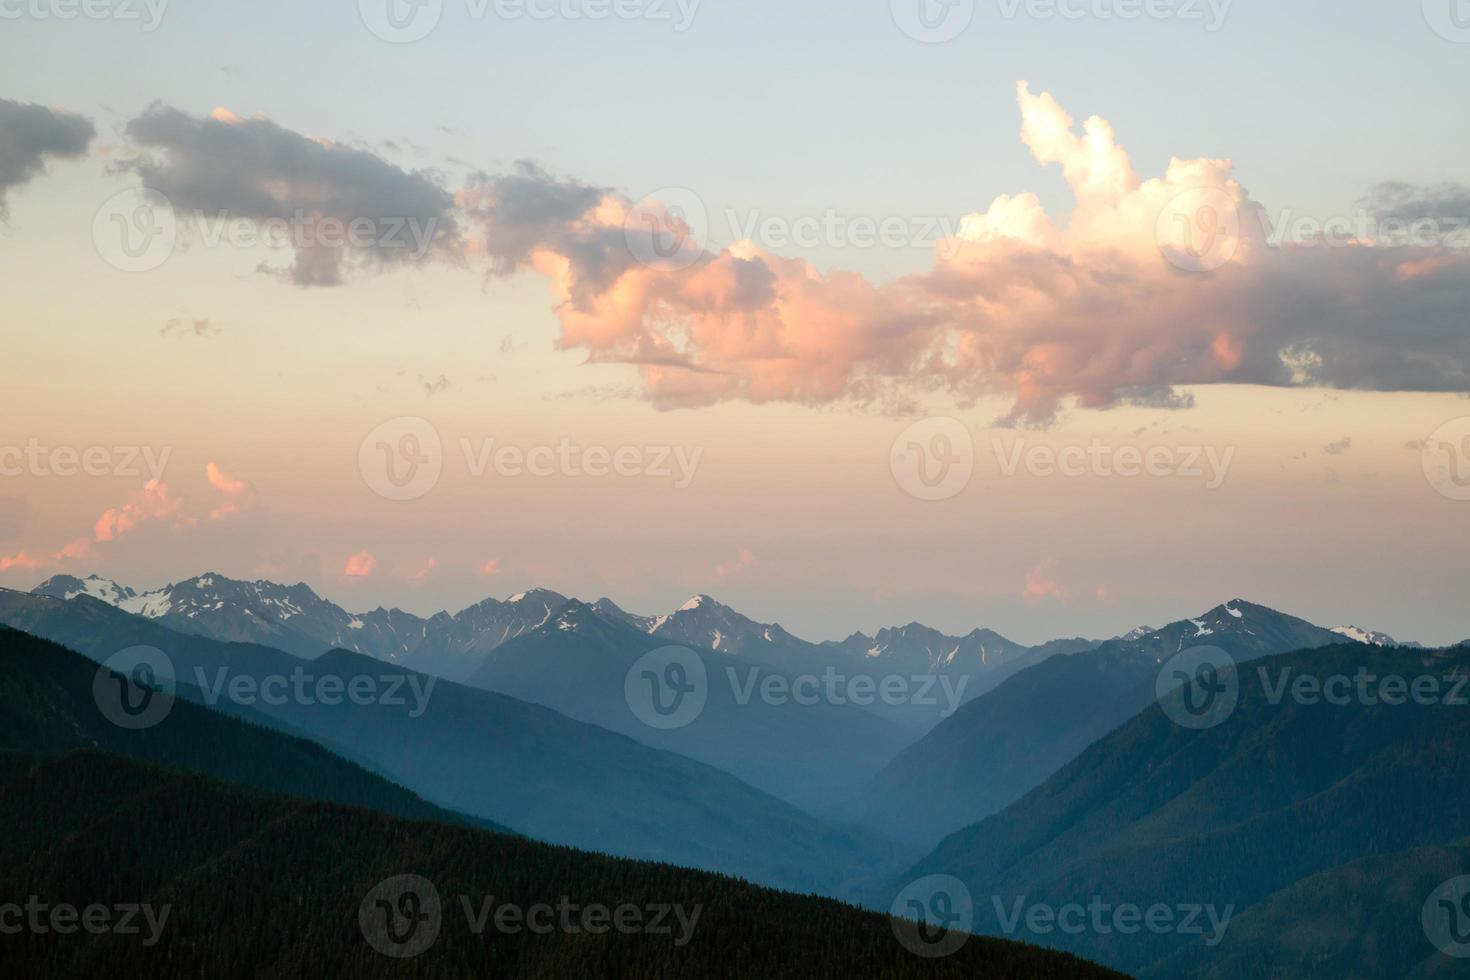 dramatisk himmel molnlandskap över orkanen kanten olympiska bergen foto